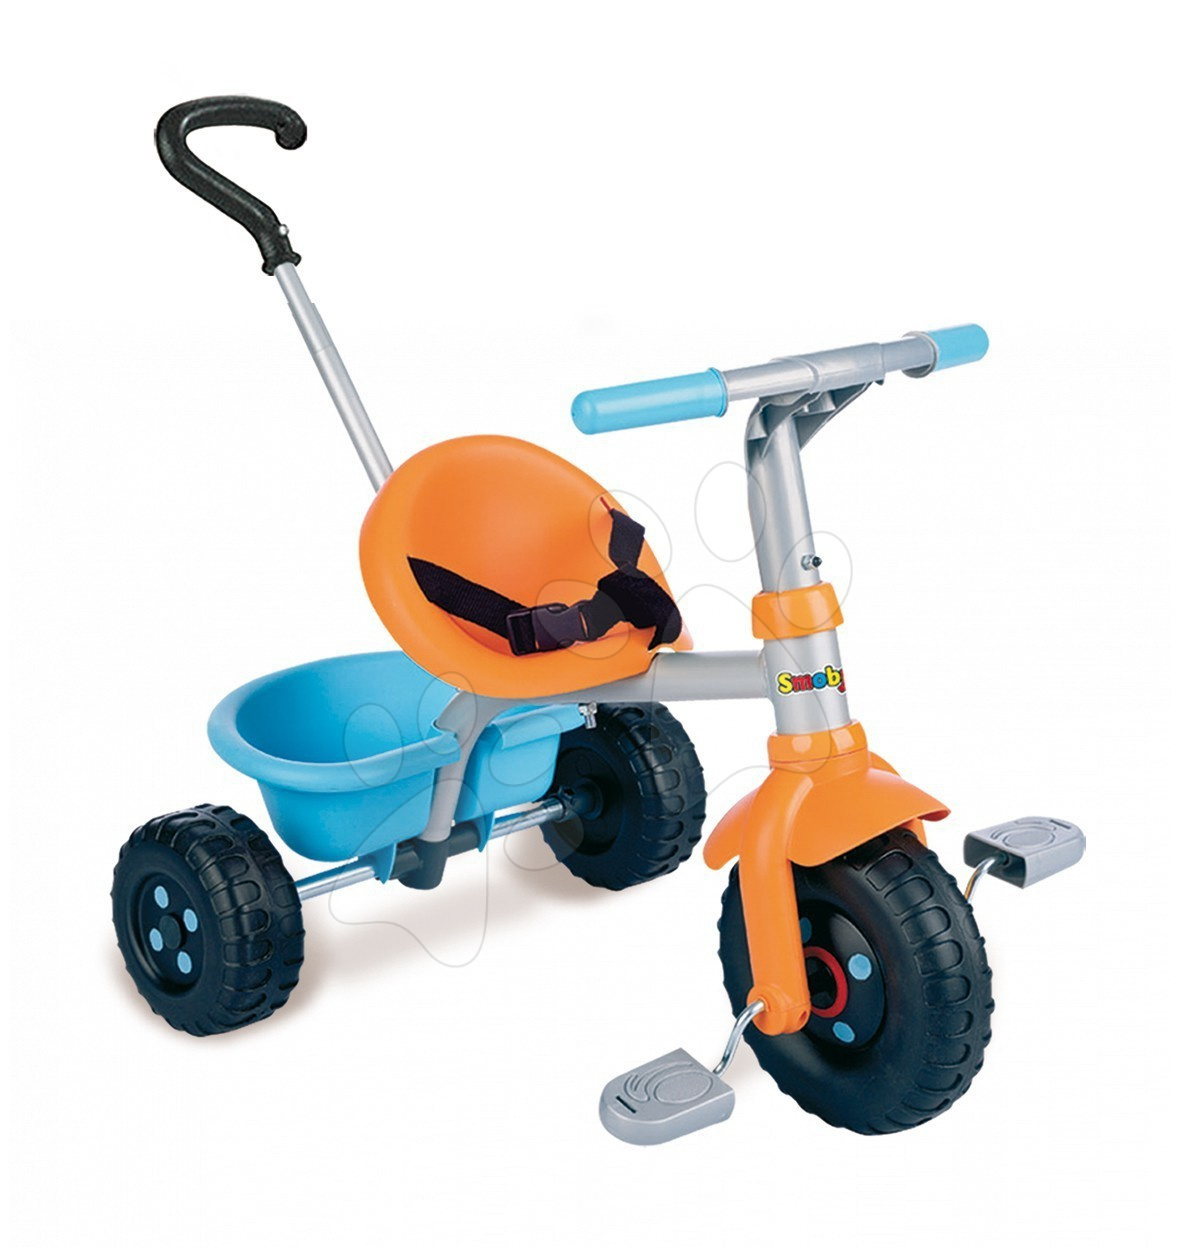 Triciclete de la 15 luni - Tricicletă Be Fun Smoby portocalie albastră de la 15 luni